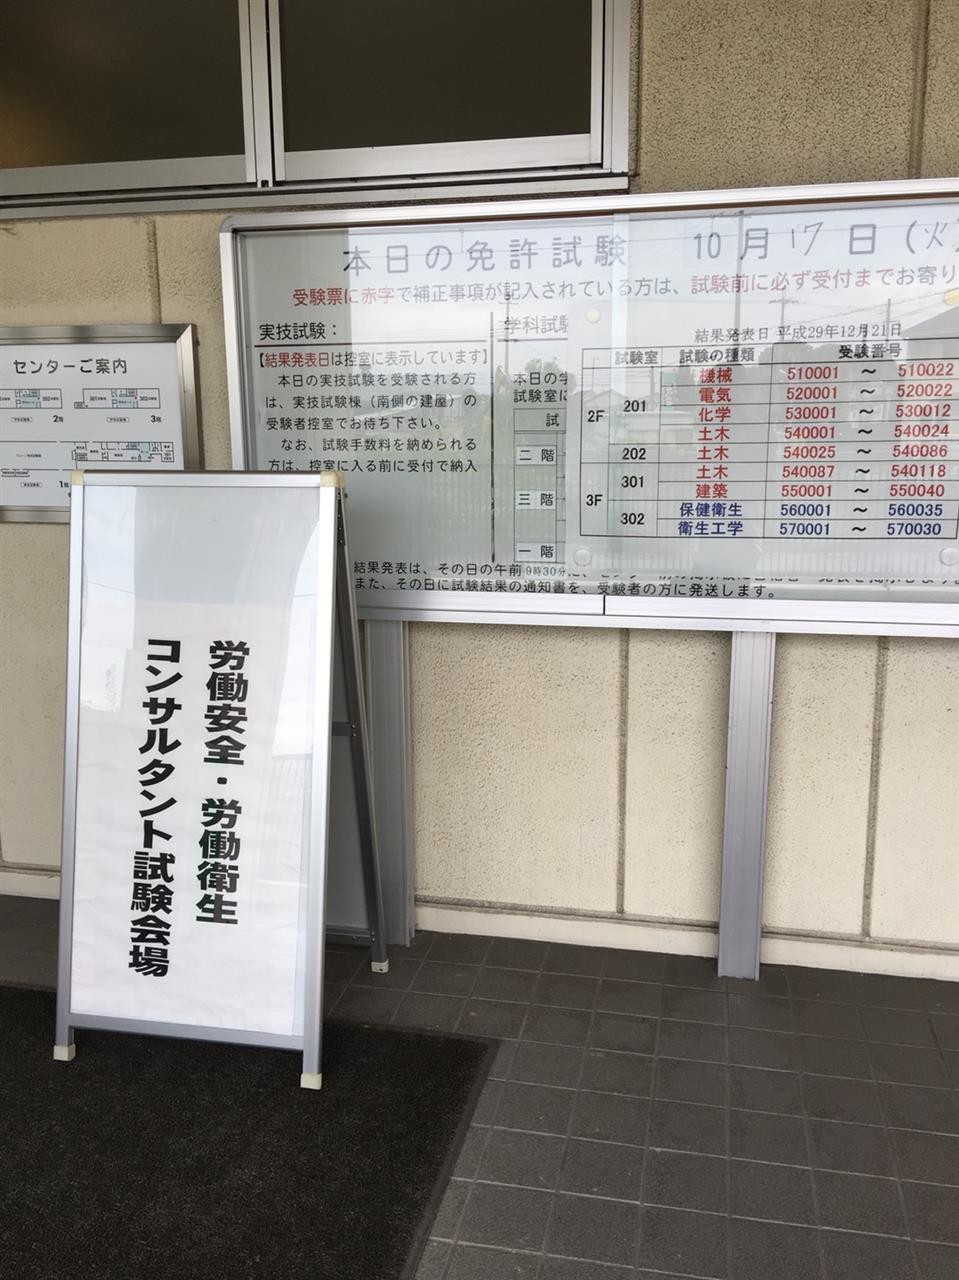 衛生 センター 技術 安全 近畿